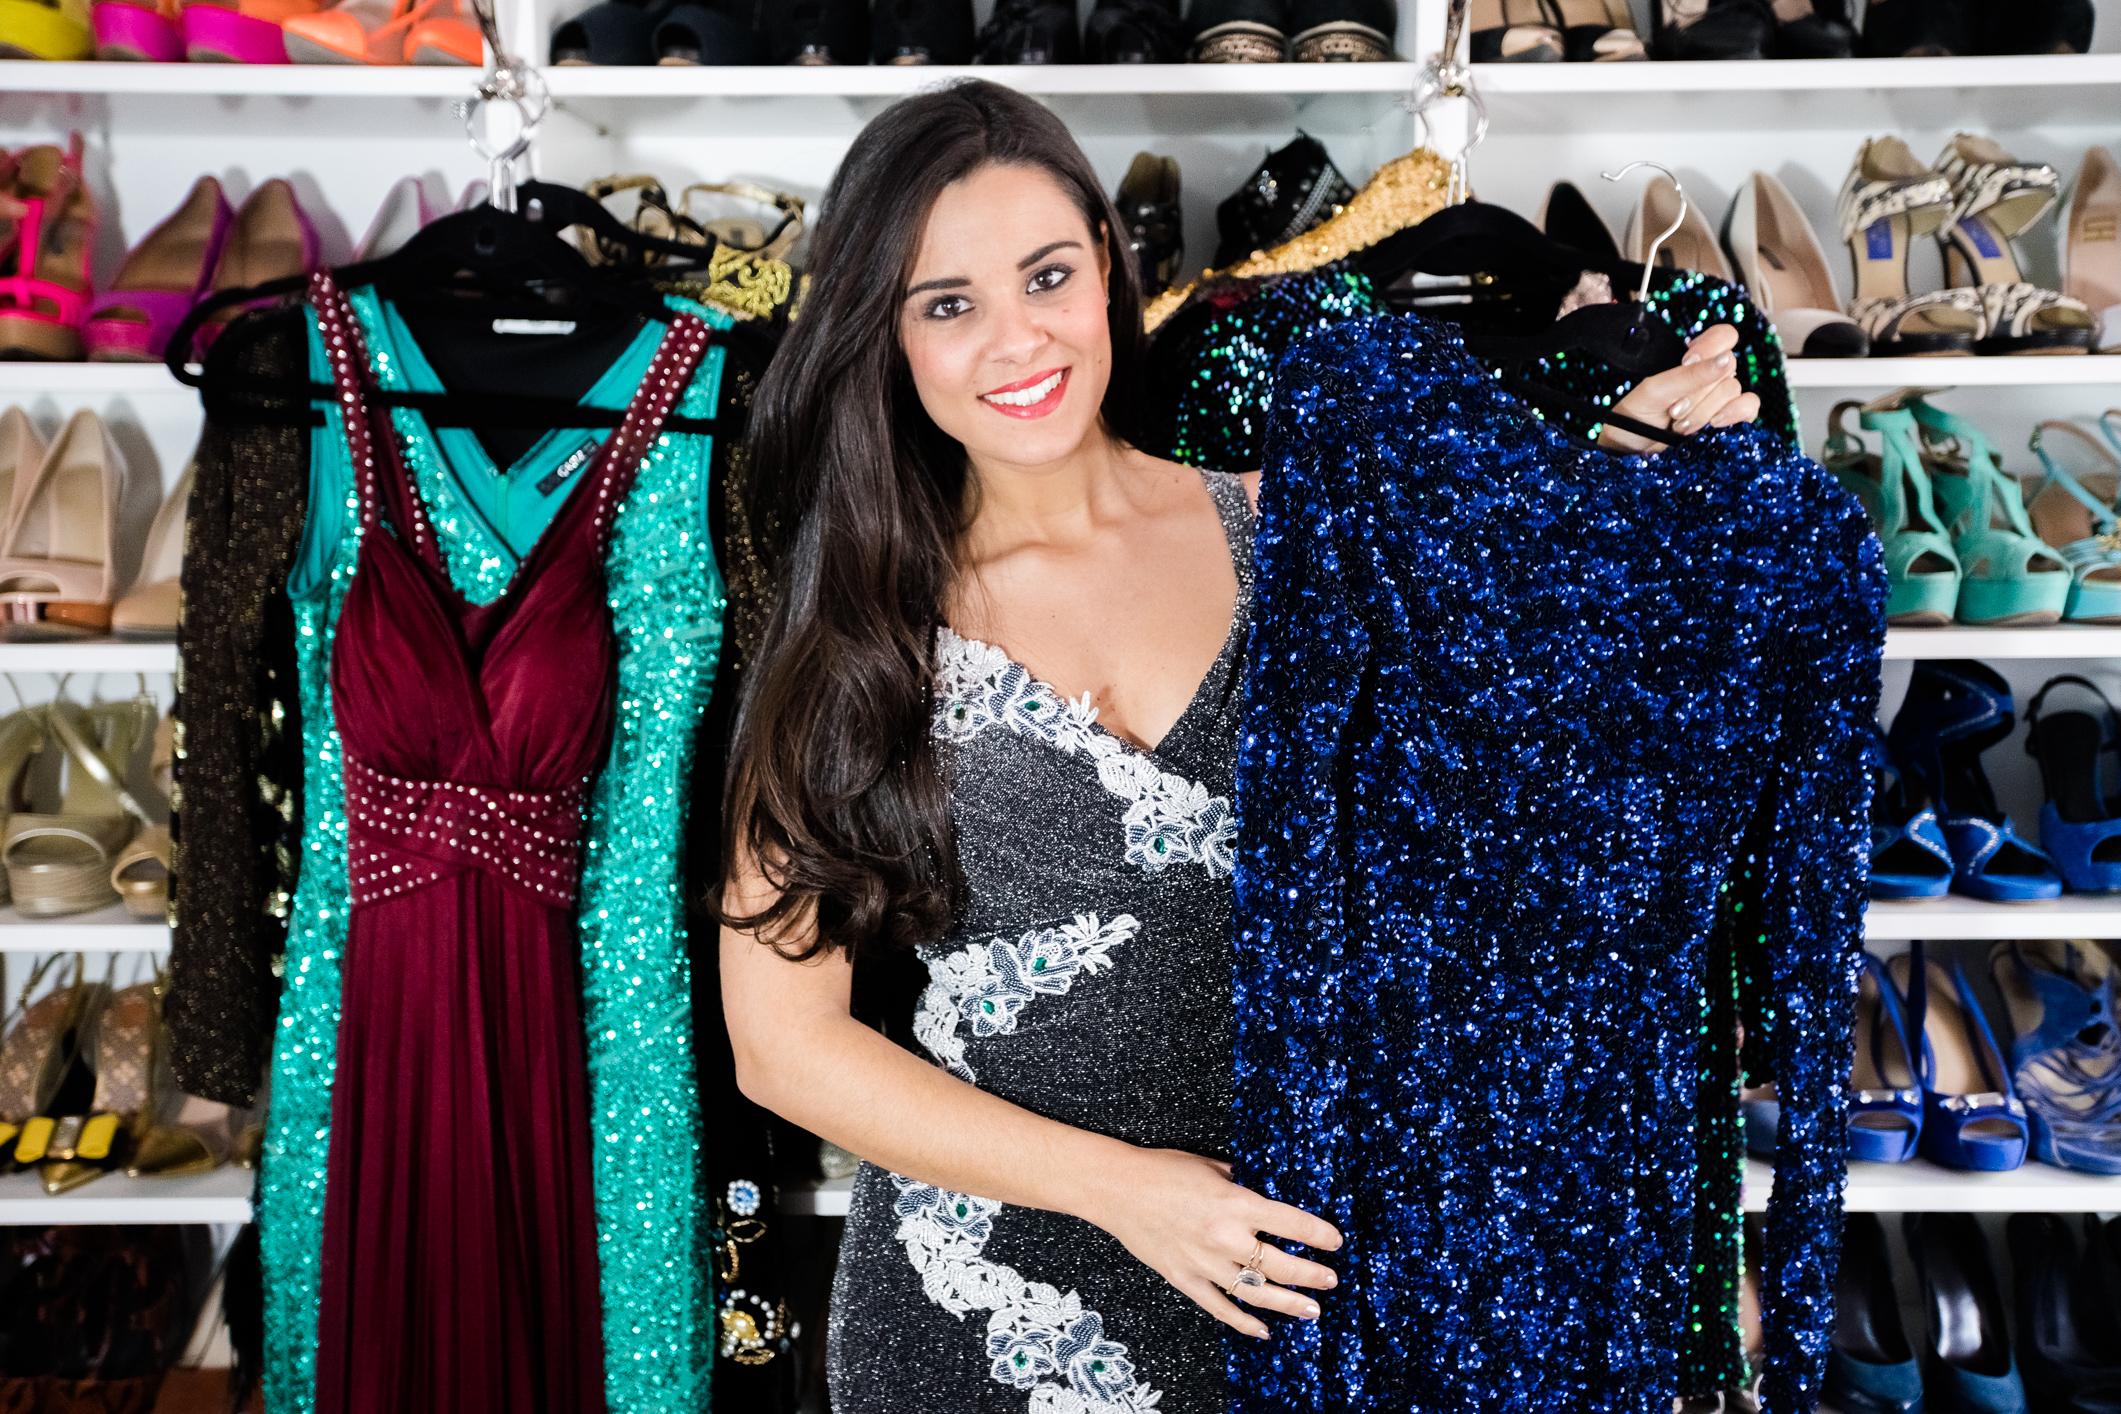 Video como vestir en las fiestas navideñas consejos de estilo Crimenes de la Moda blog Maria Jesus Garnica Navarro